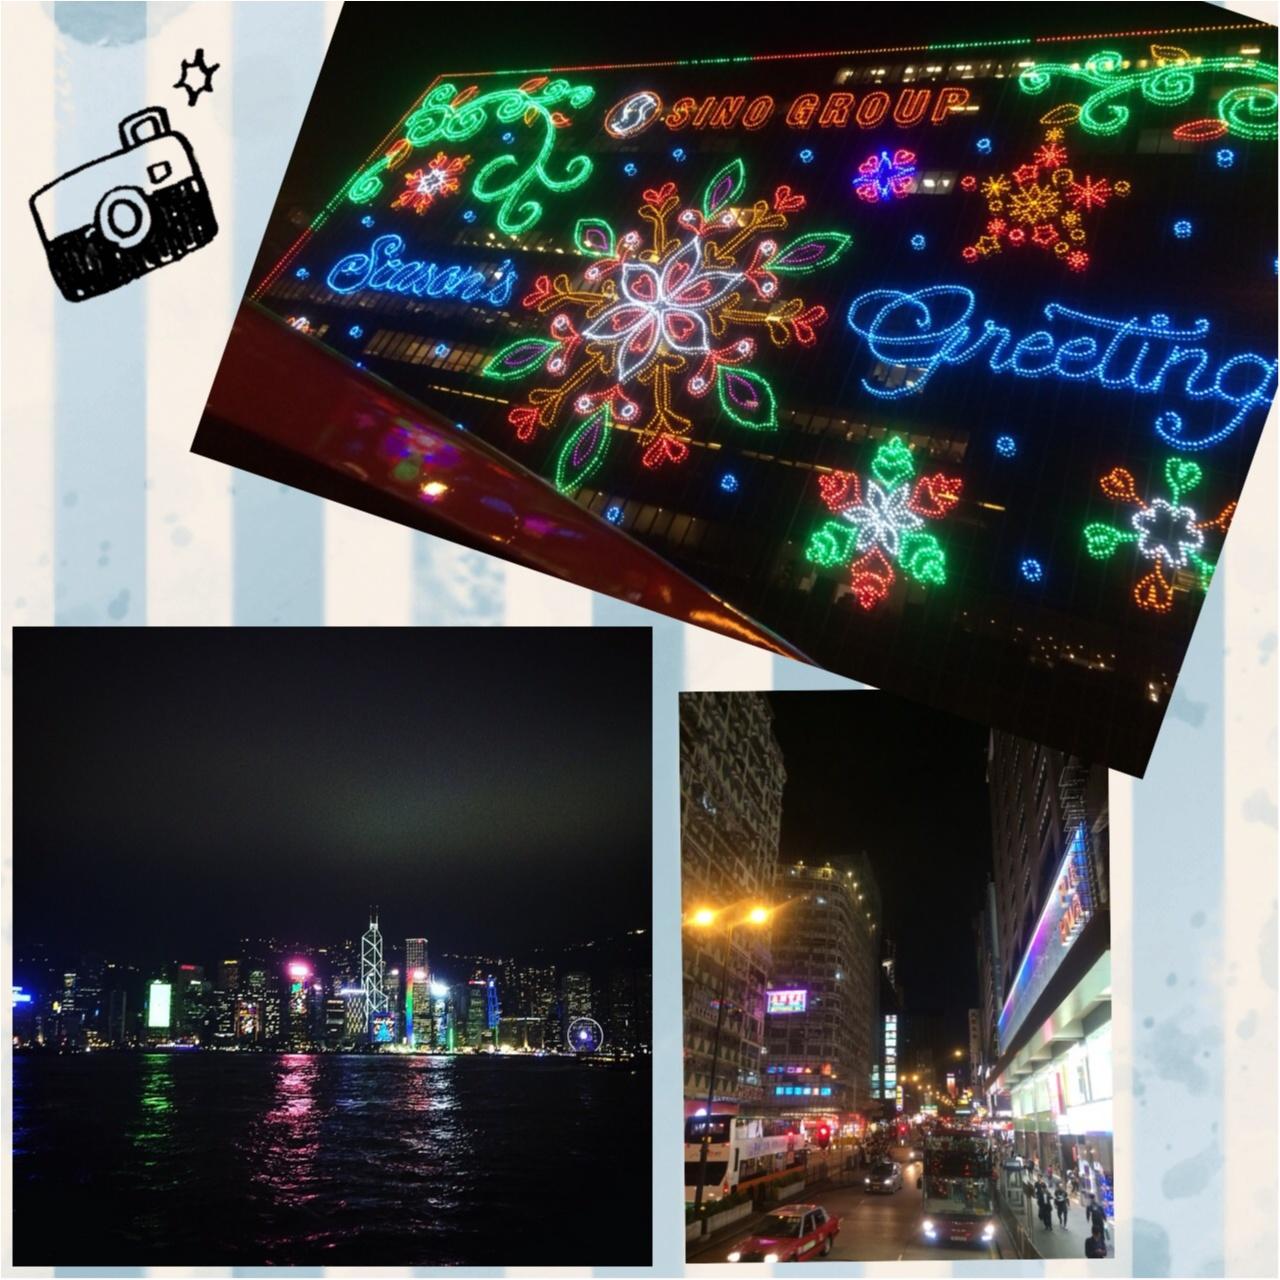 【vacation】HONG KONGのイルミネーションとオススメ地元スウィーツ店♡_2